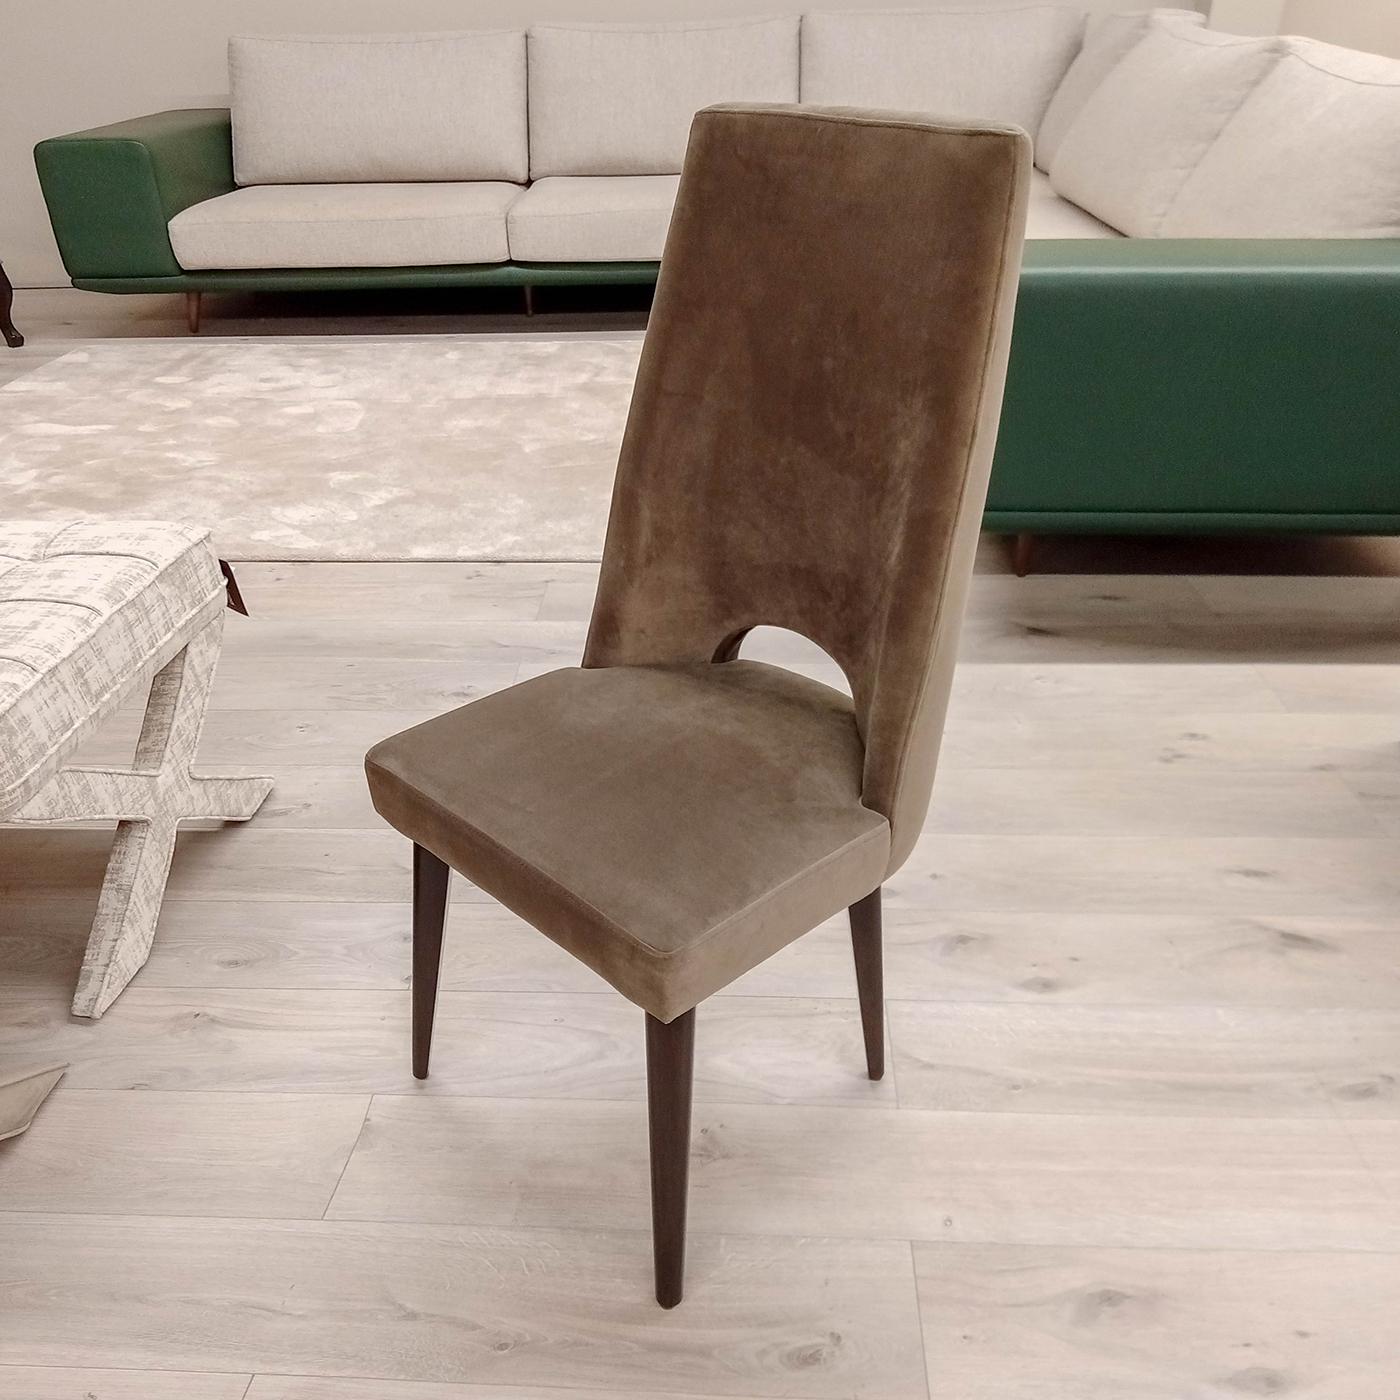 cadeira-indigo-domkapa